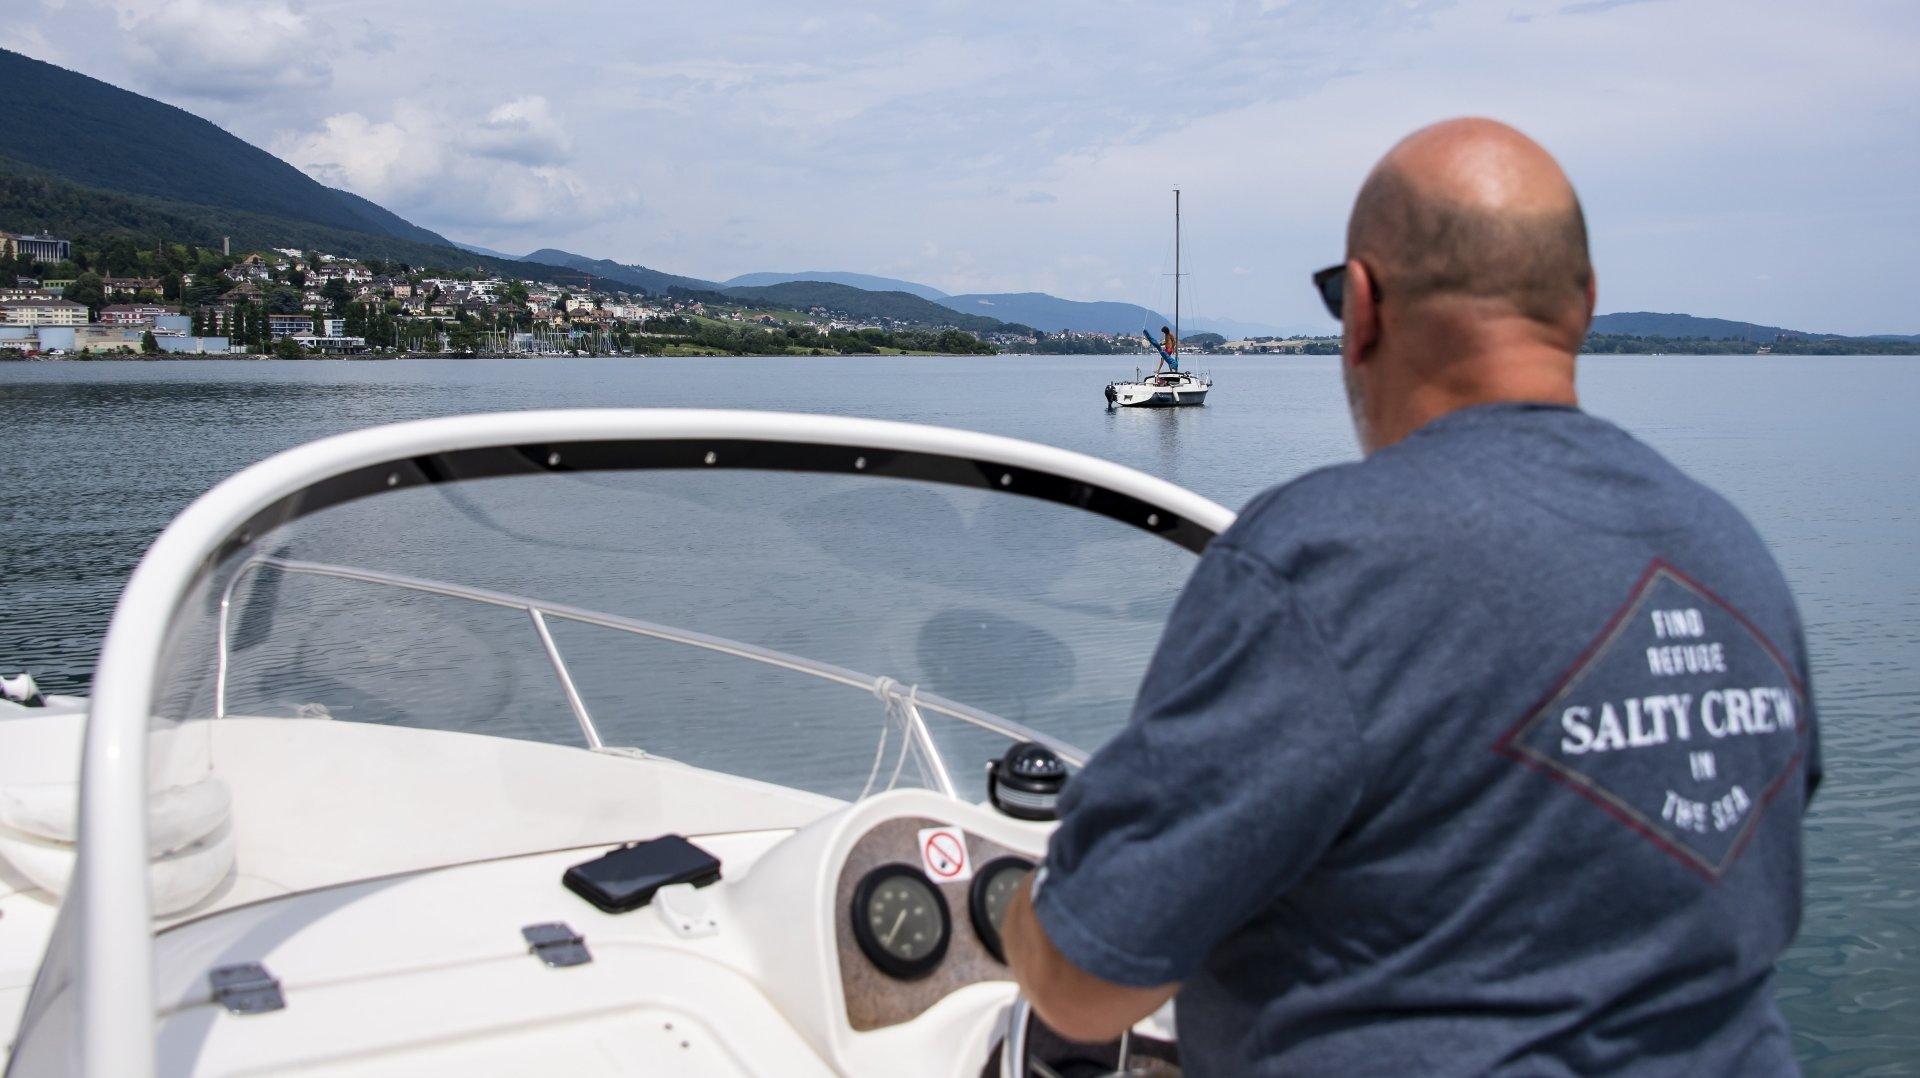 Vidéo: les bateaux font leur grand retour sur le lac de Neuchâtel